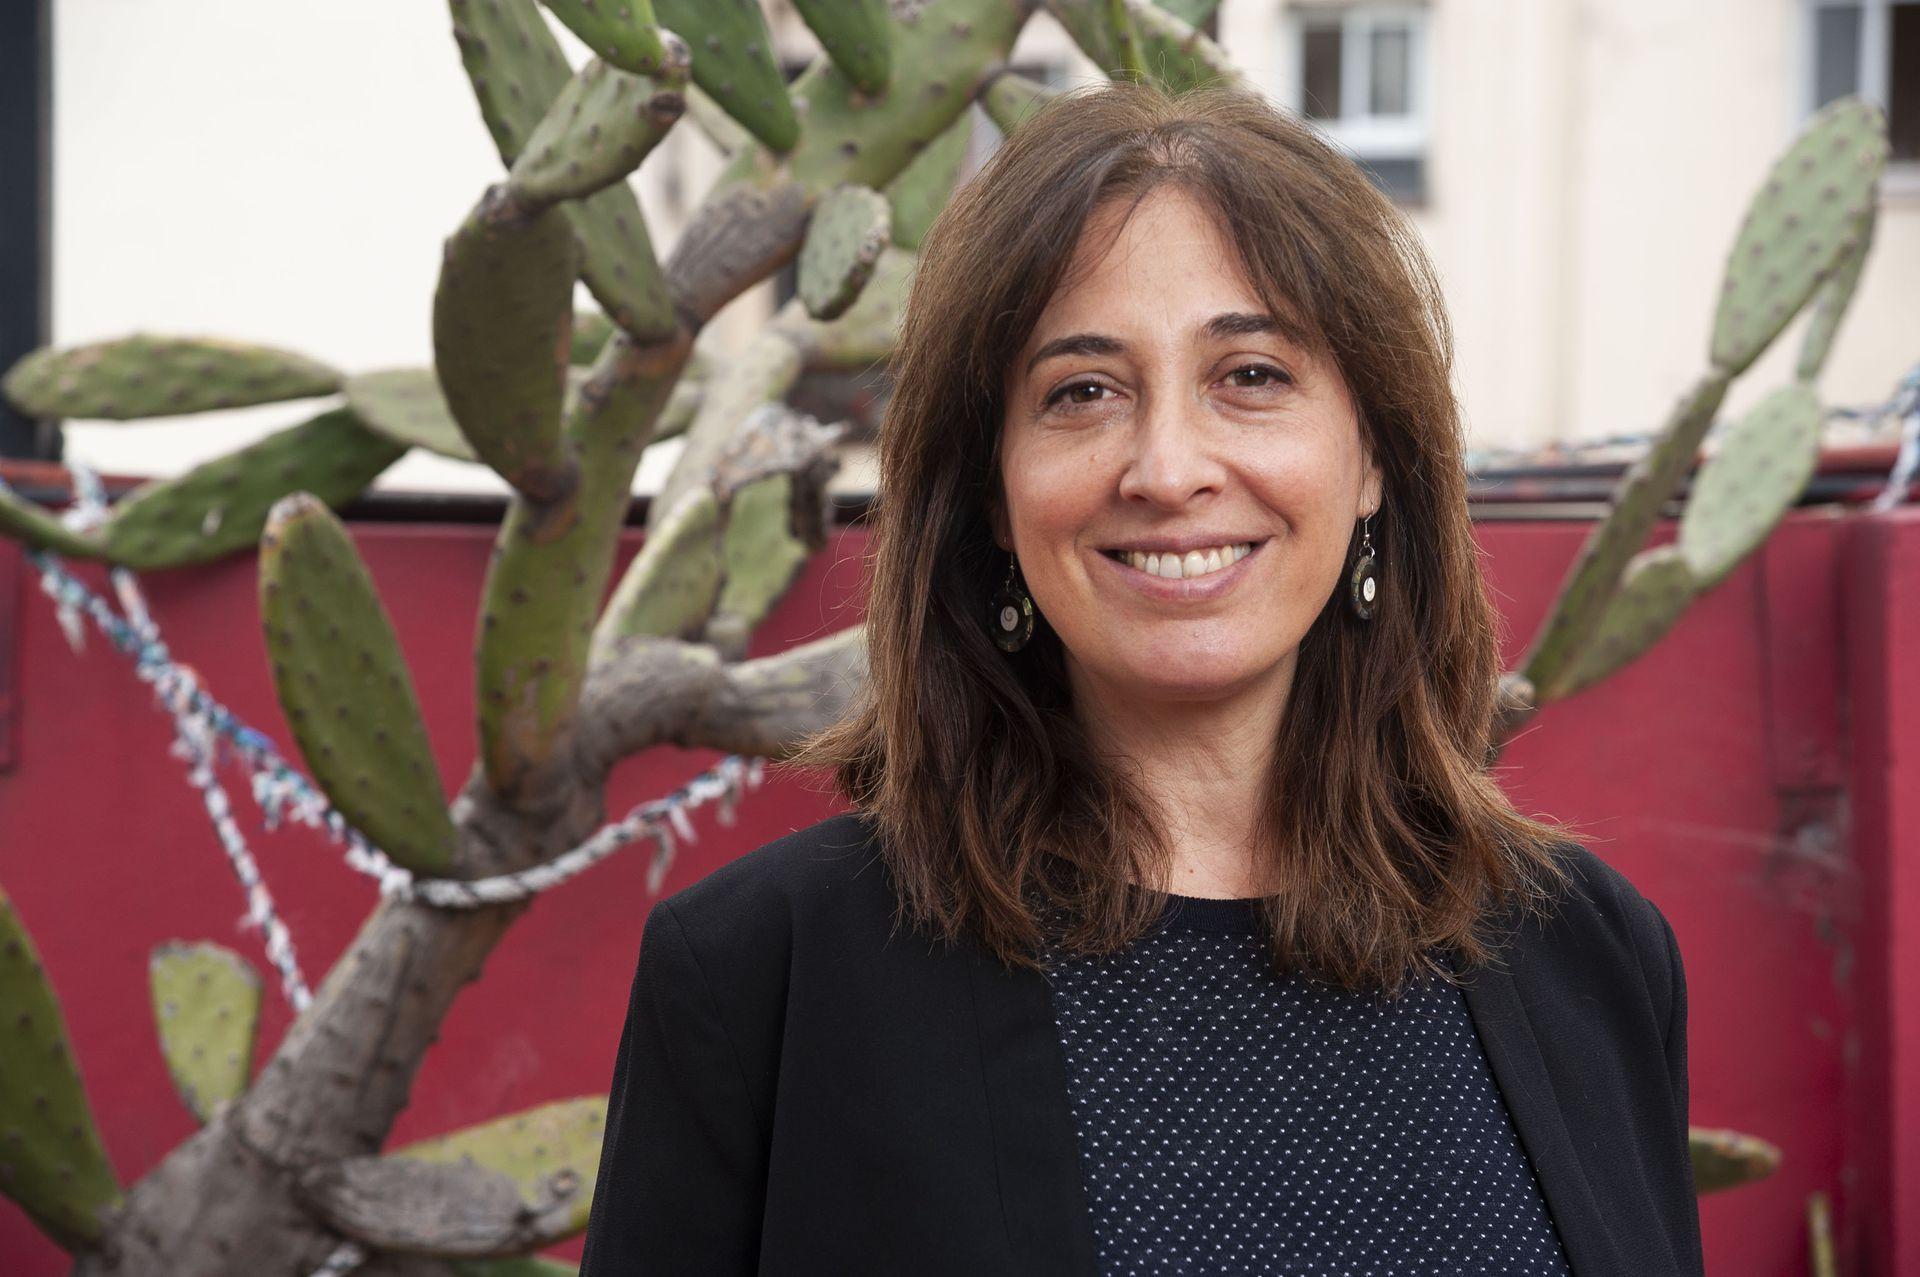 La actriz Andrea Garrote